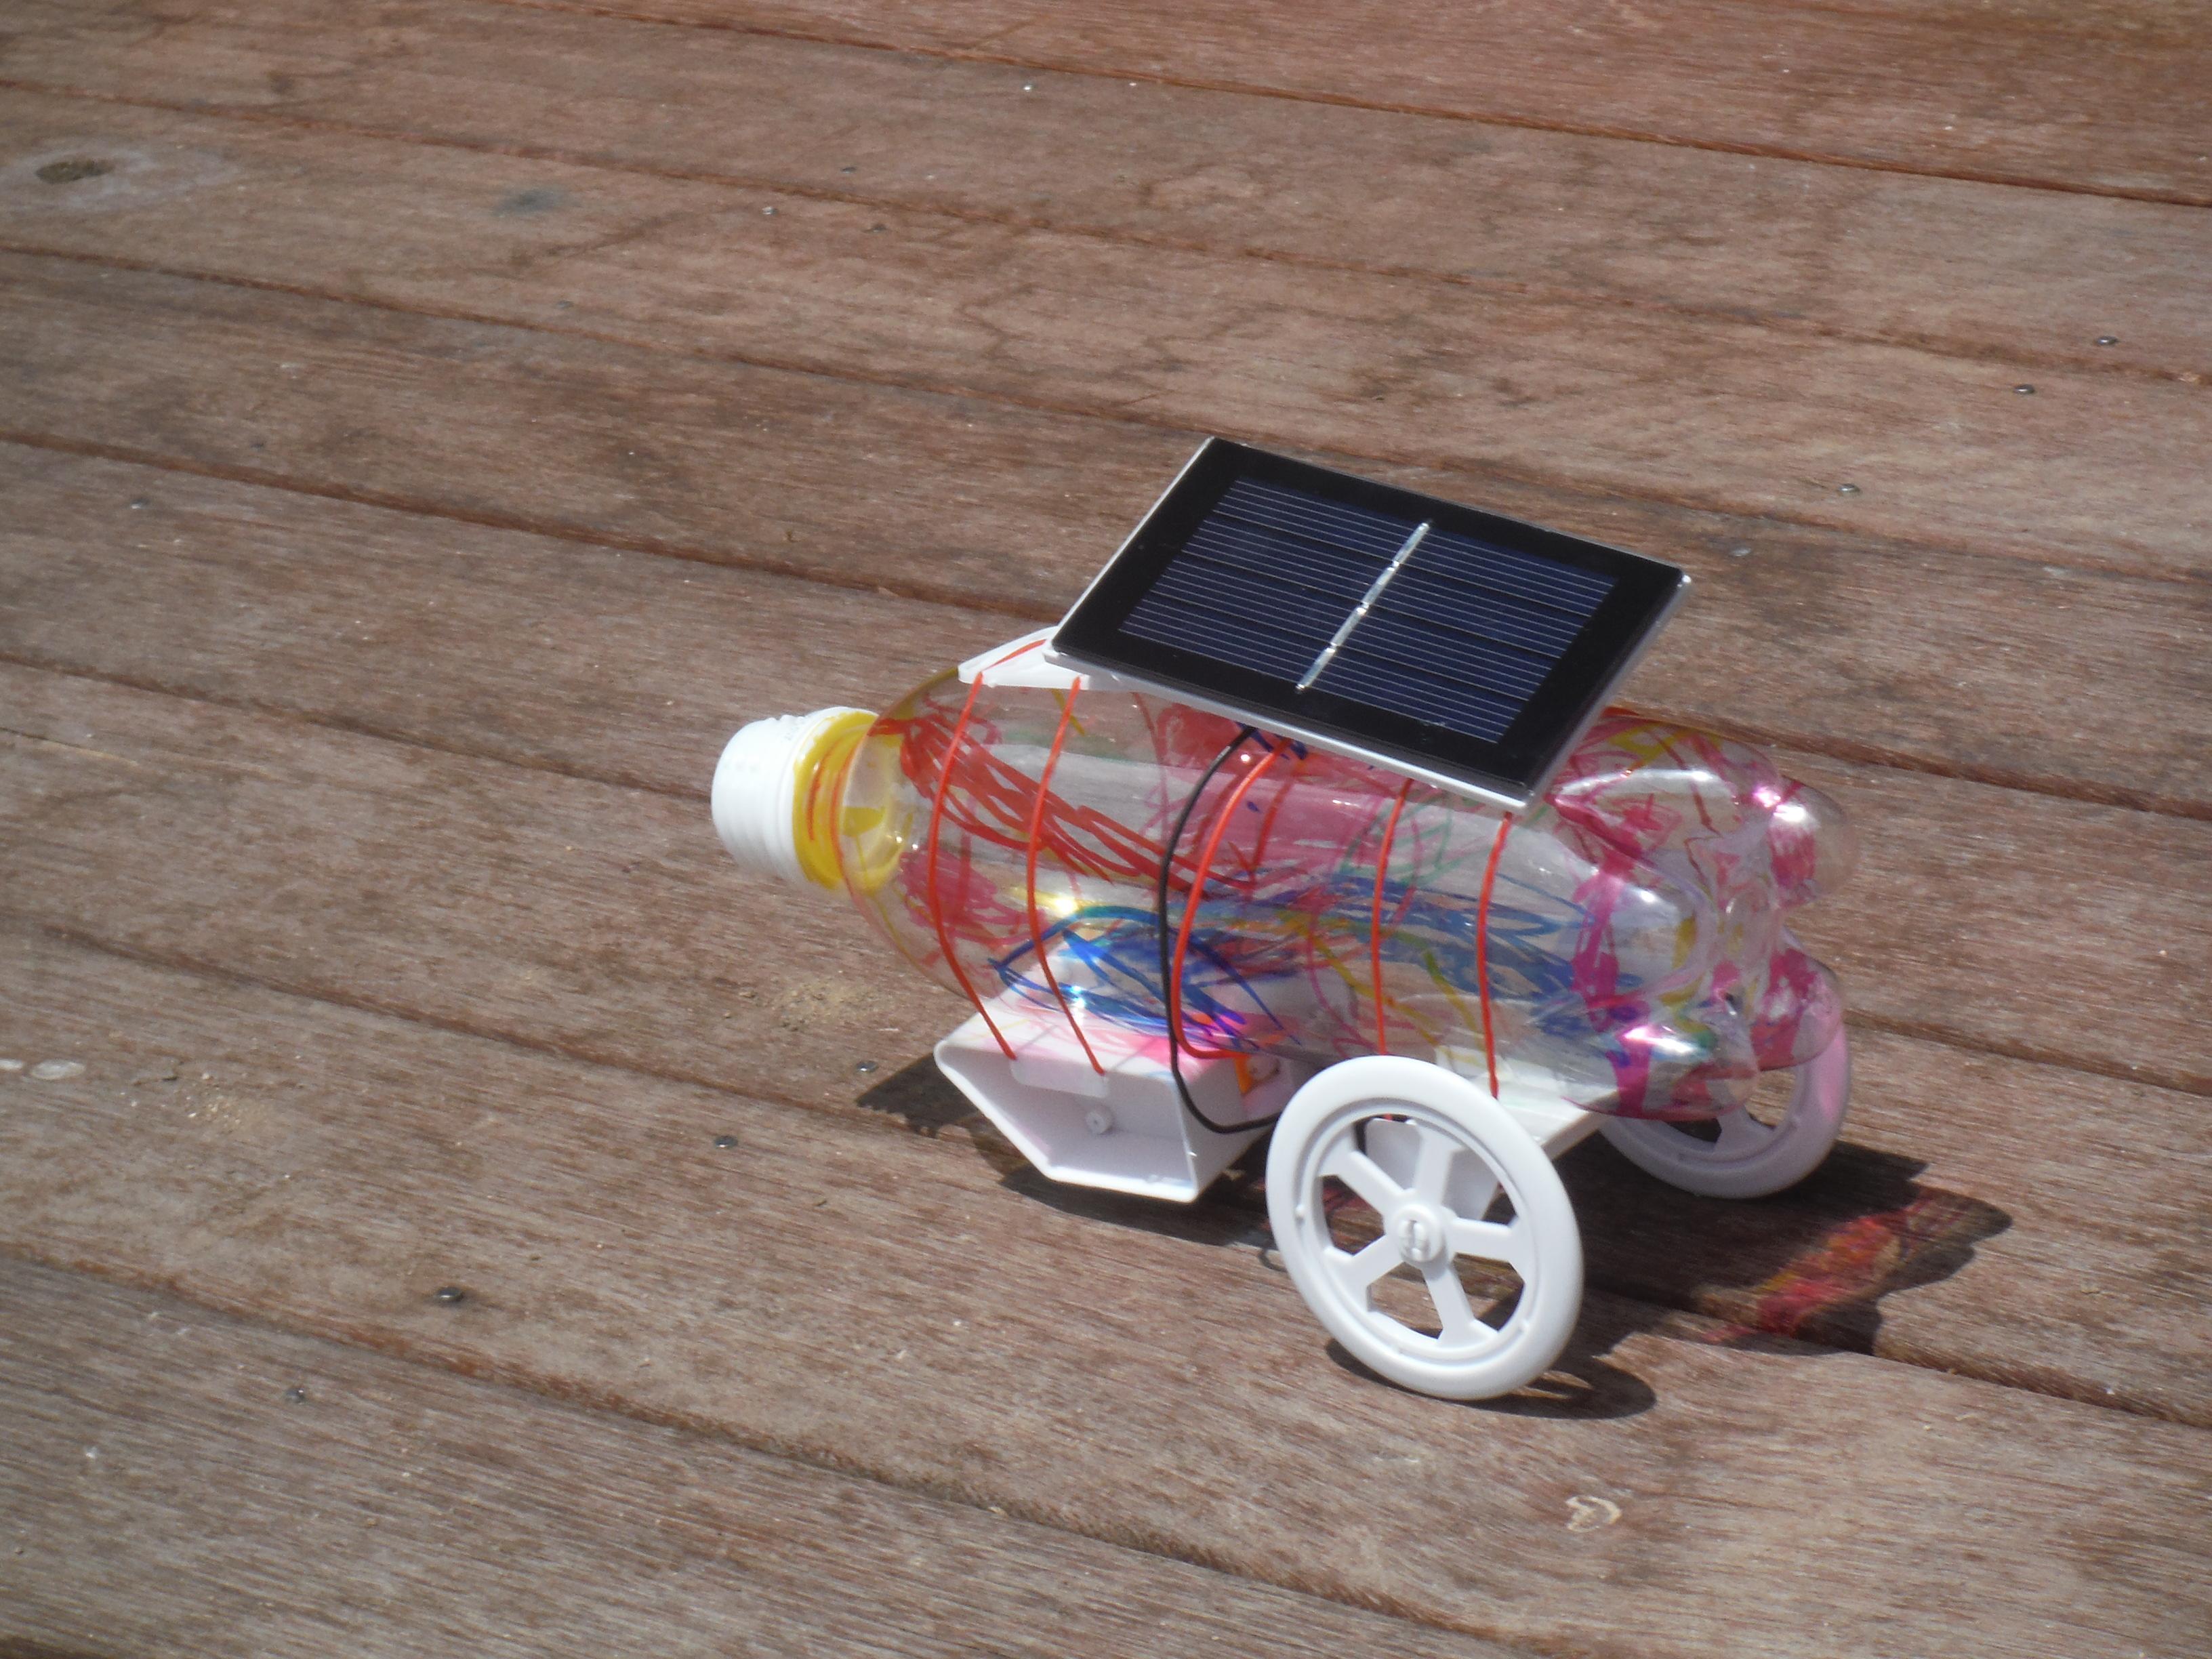 太陽のパワーを使った工作教室 ~ソーラーカーづくり~